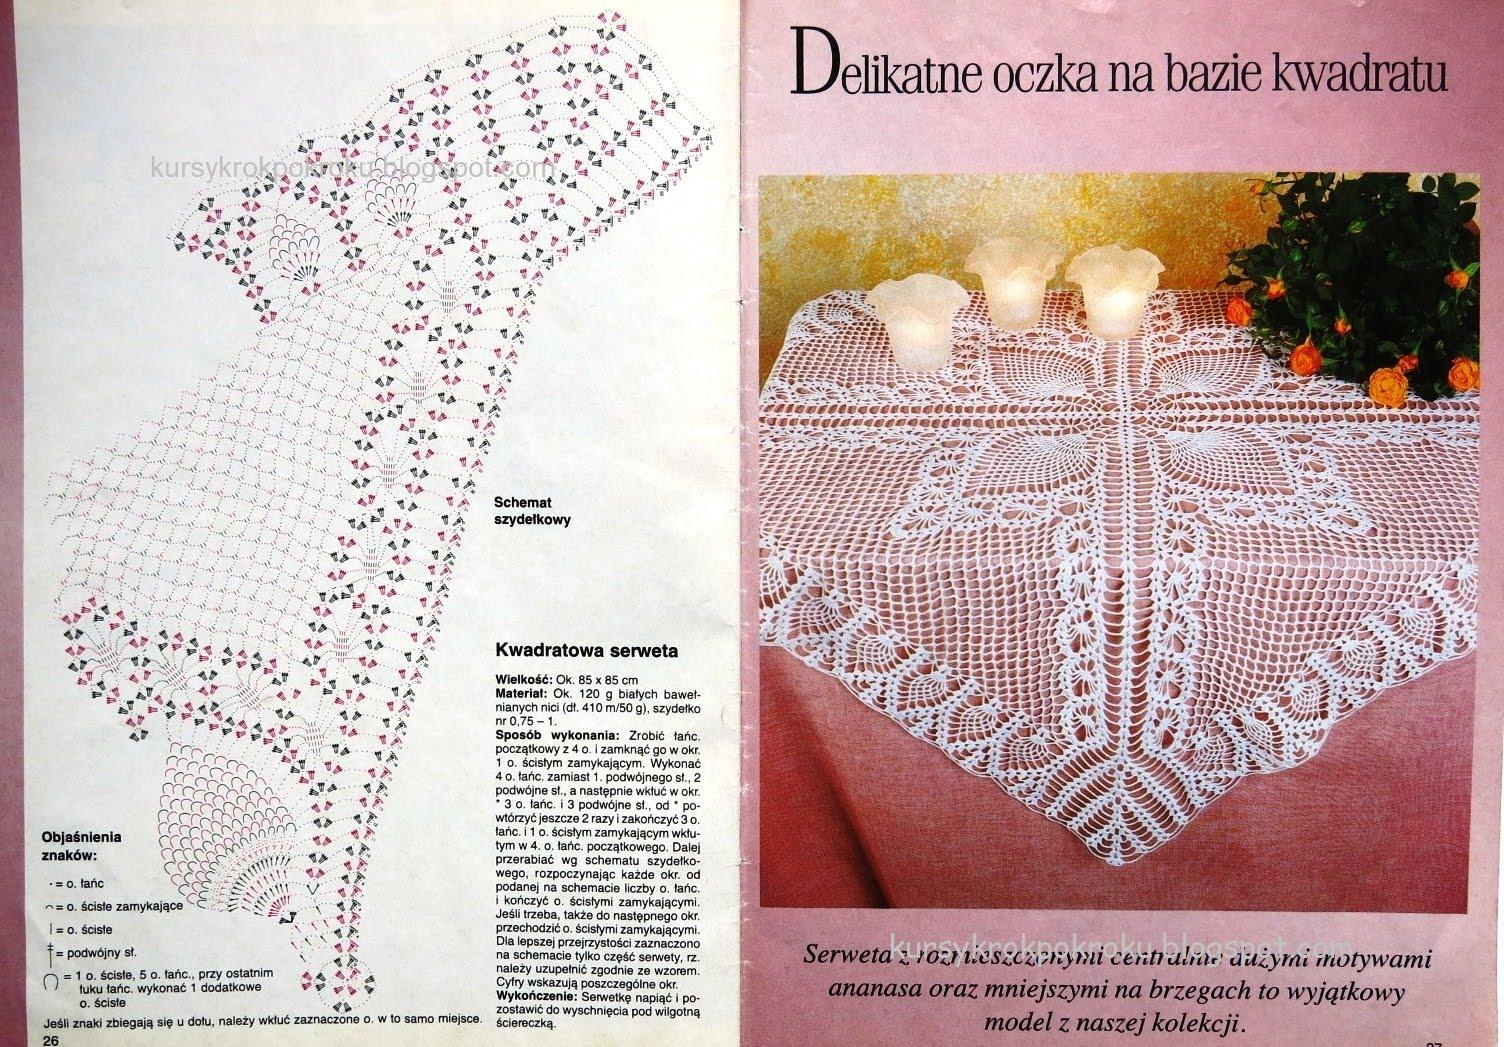 Duża serweta na szydełku w delikatne oczka - schemat i opis